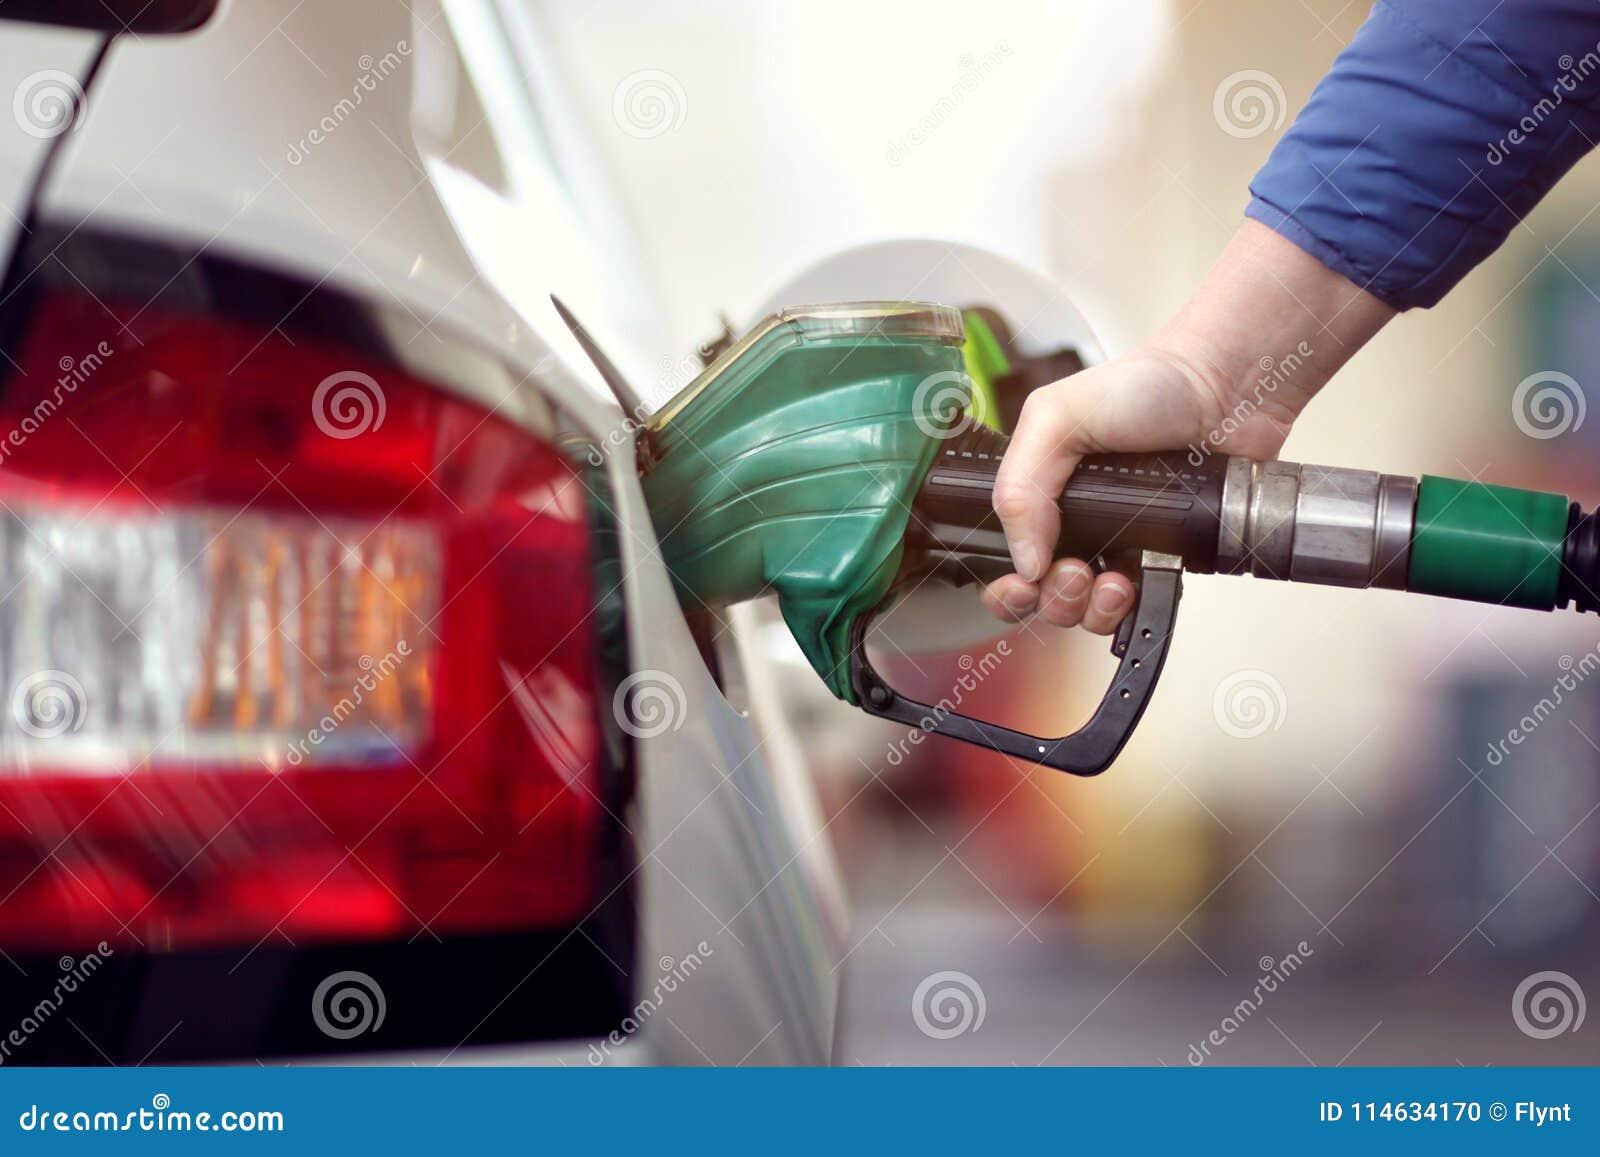 Дозаправьте автомобиль на насосе для подачи топлива бензоколонки